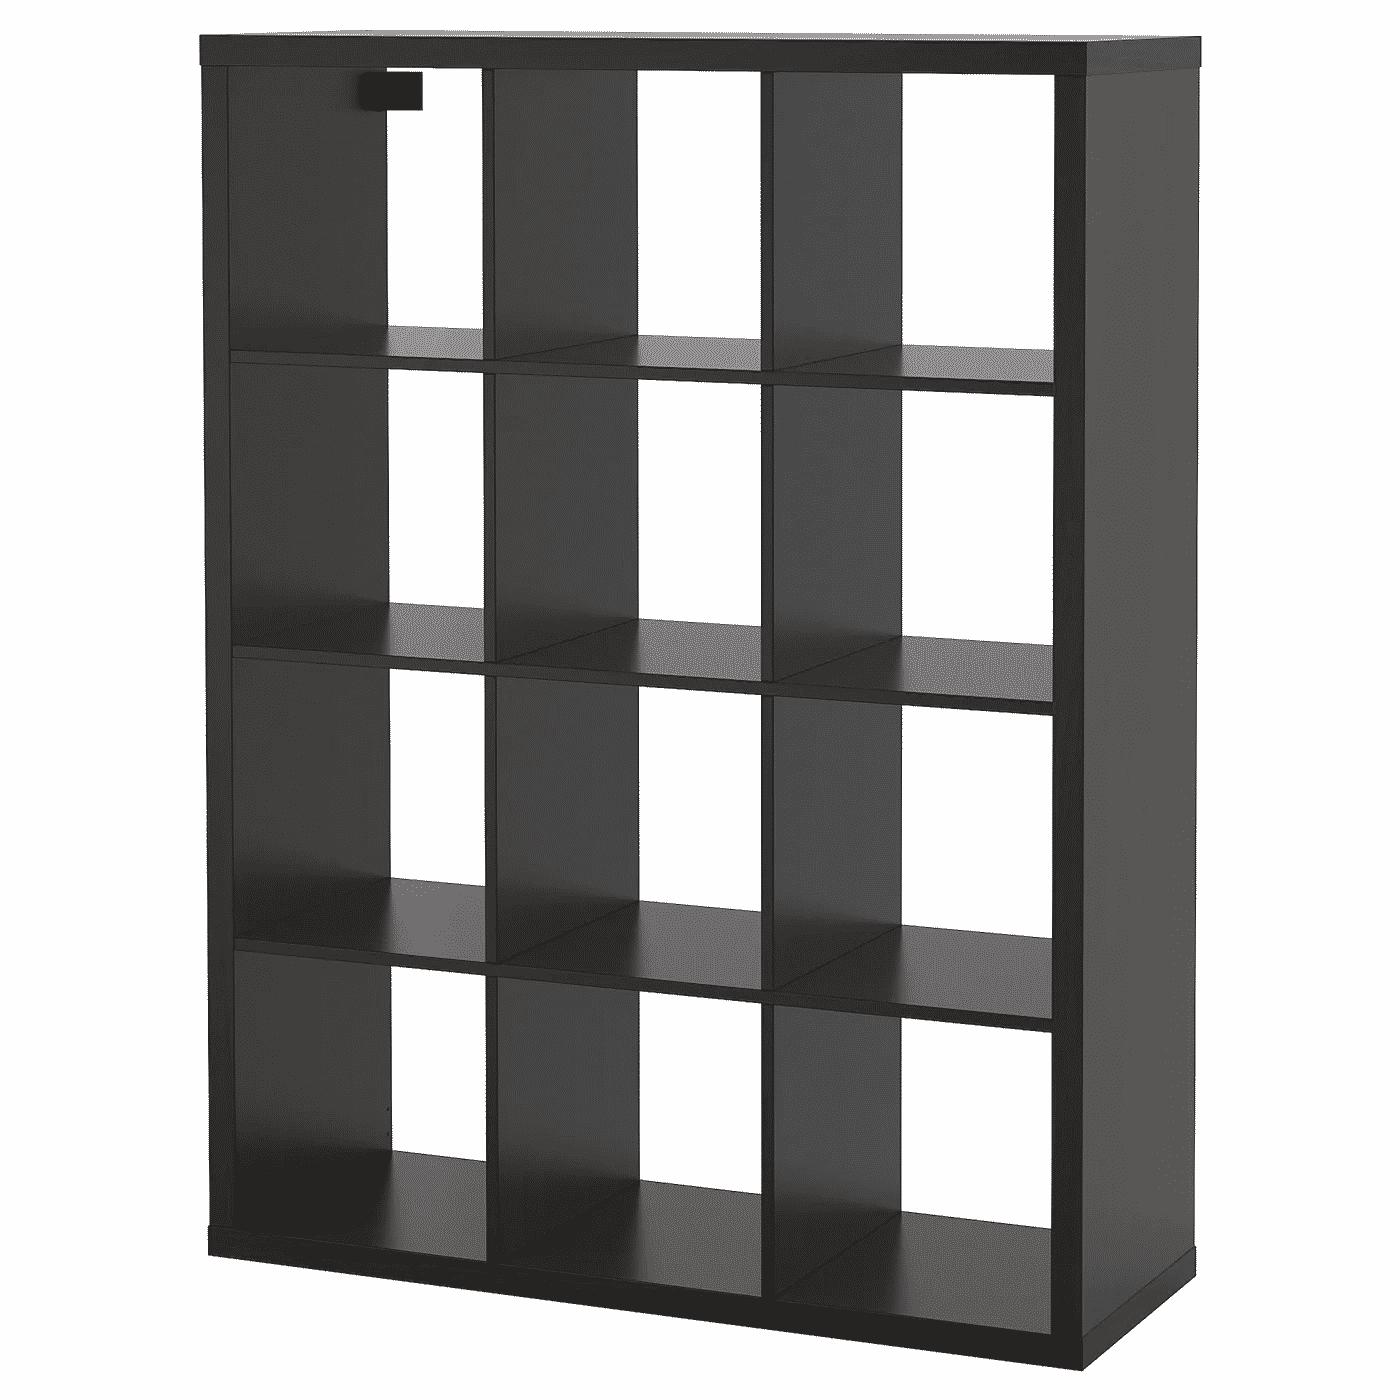 The KALLAX Shelf